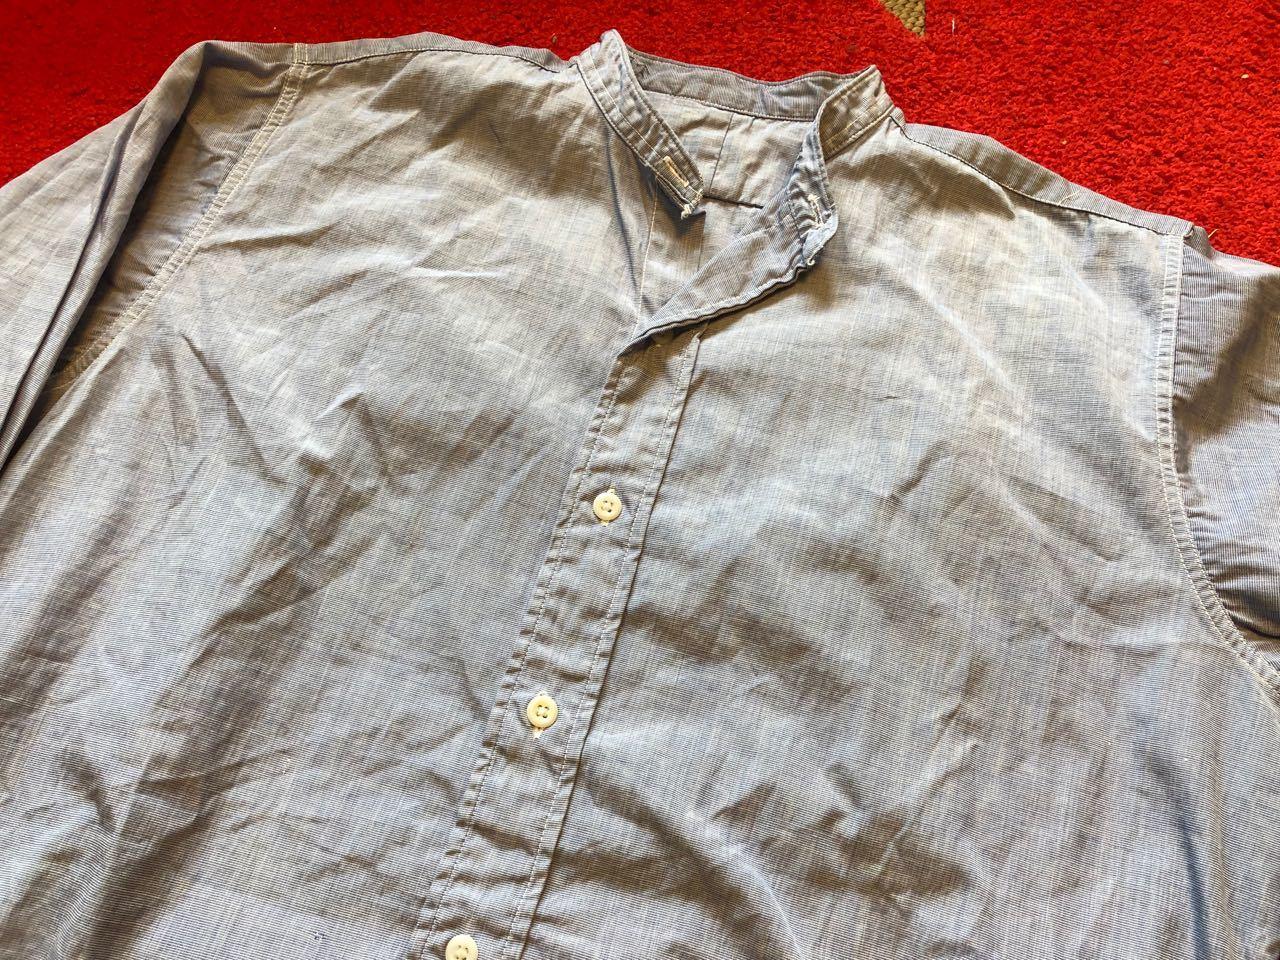 4月7日(日)入荷!60s  British Army Officer Shirts マチ付き ハケメ all cotton  ユーロビンテージシャツ! _c0144020_13212174.jpg